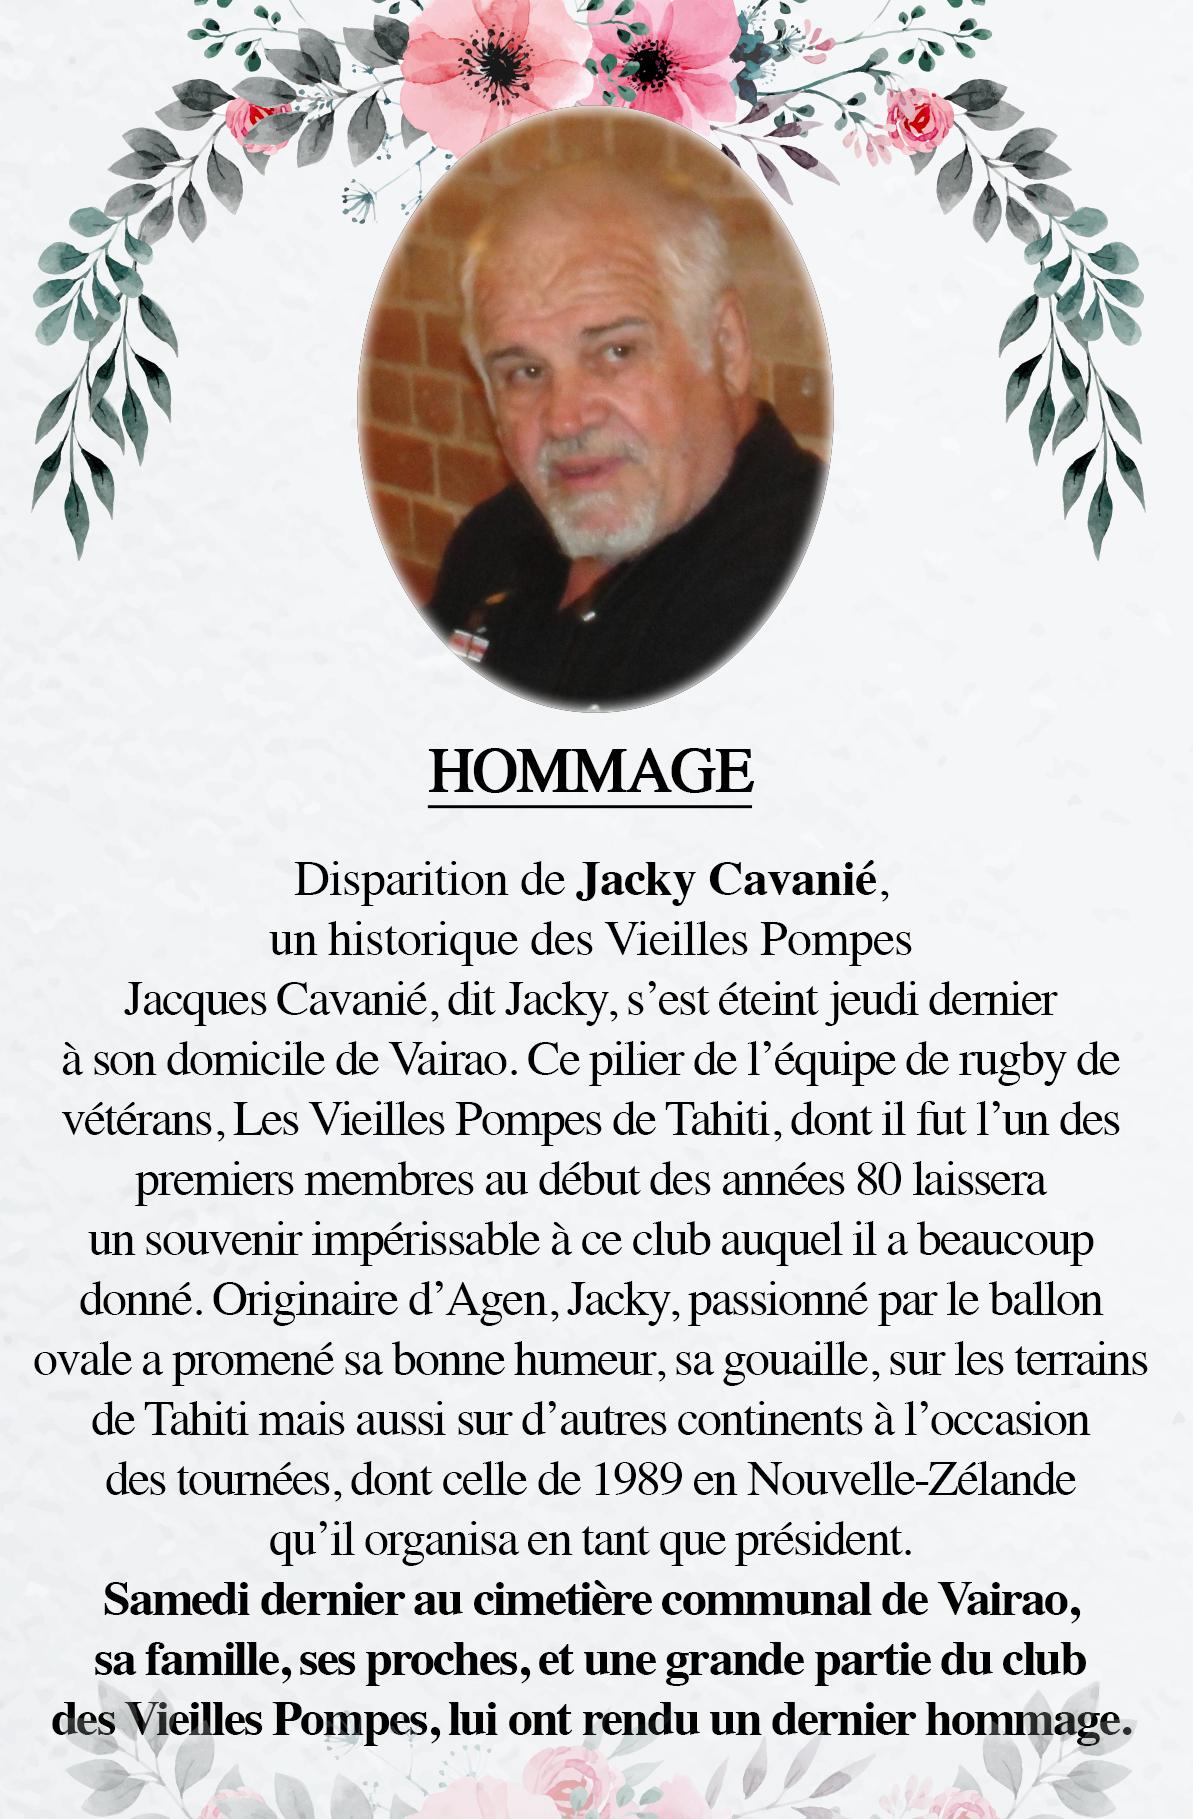 Disparition de Jacky Cavanié, un historique des Vieilles Pompes